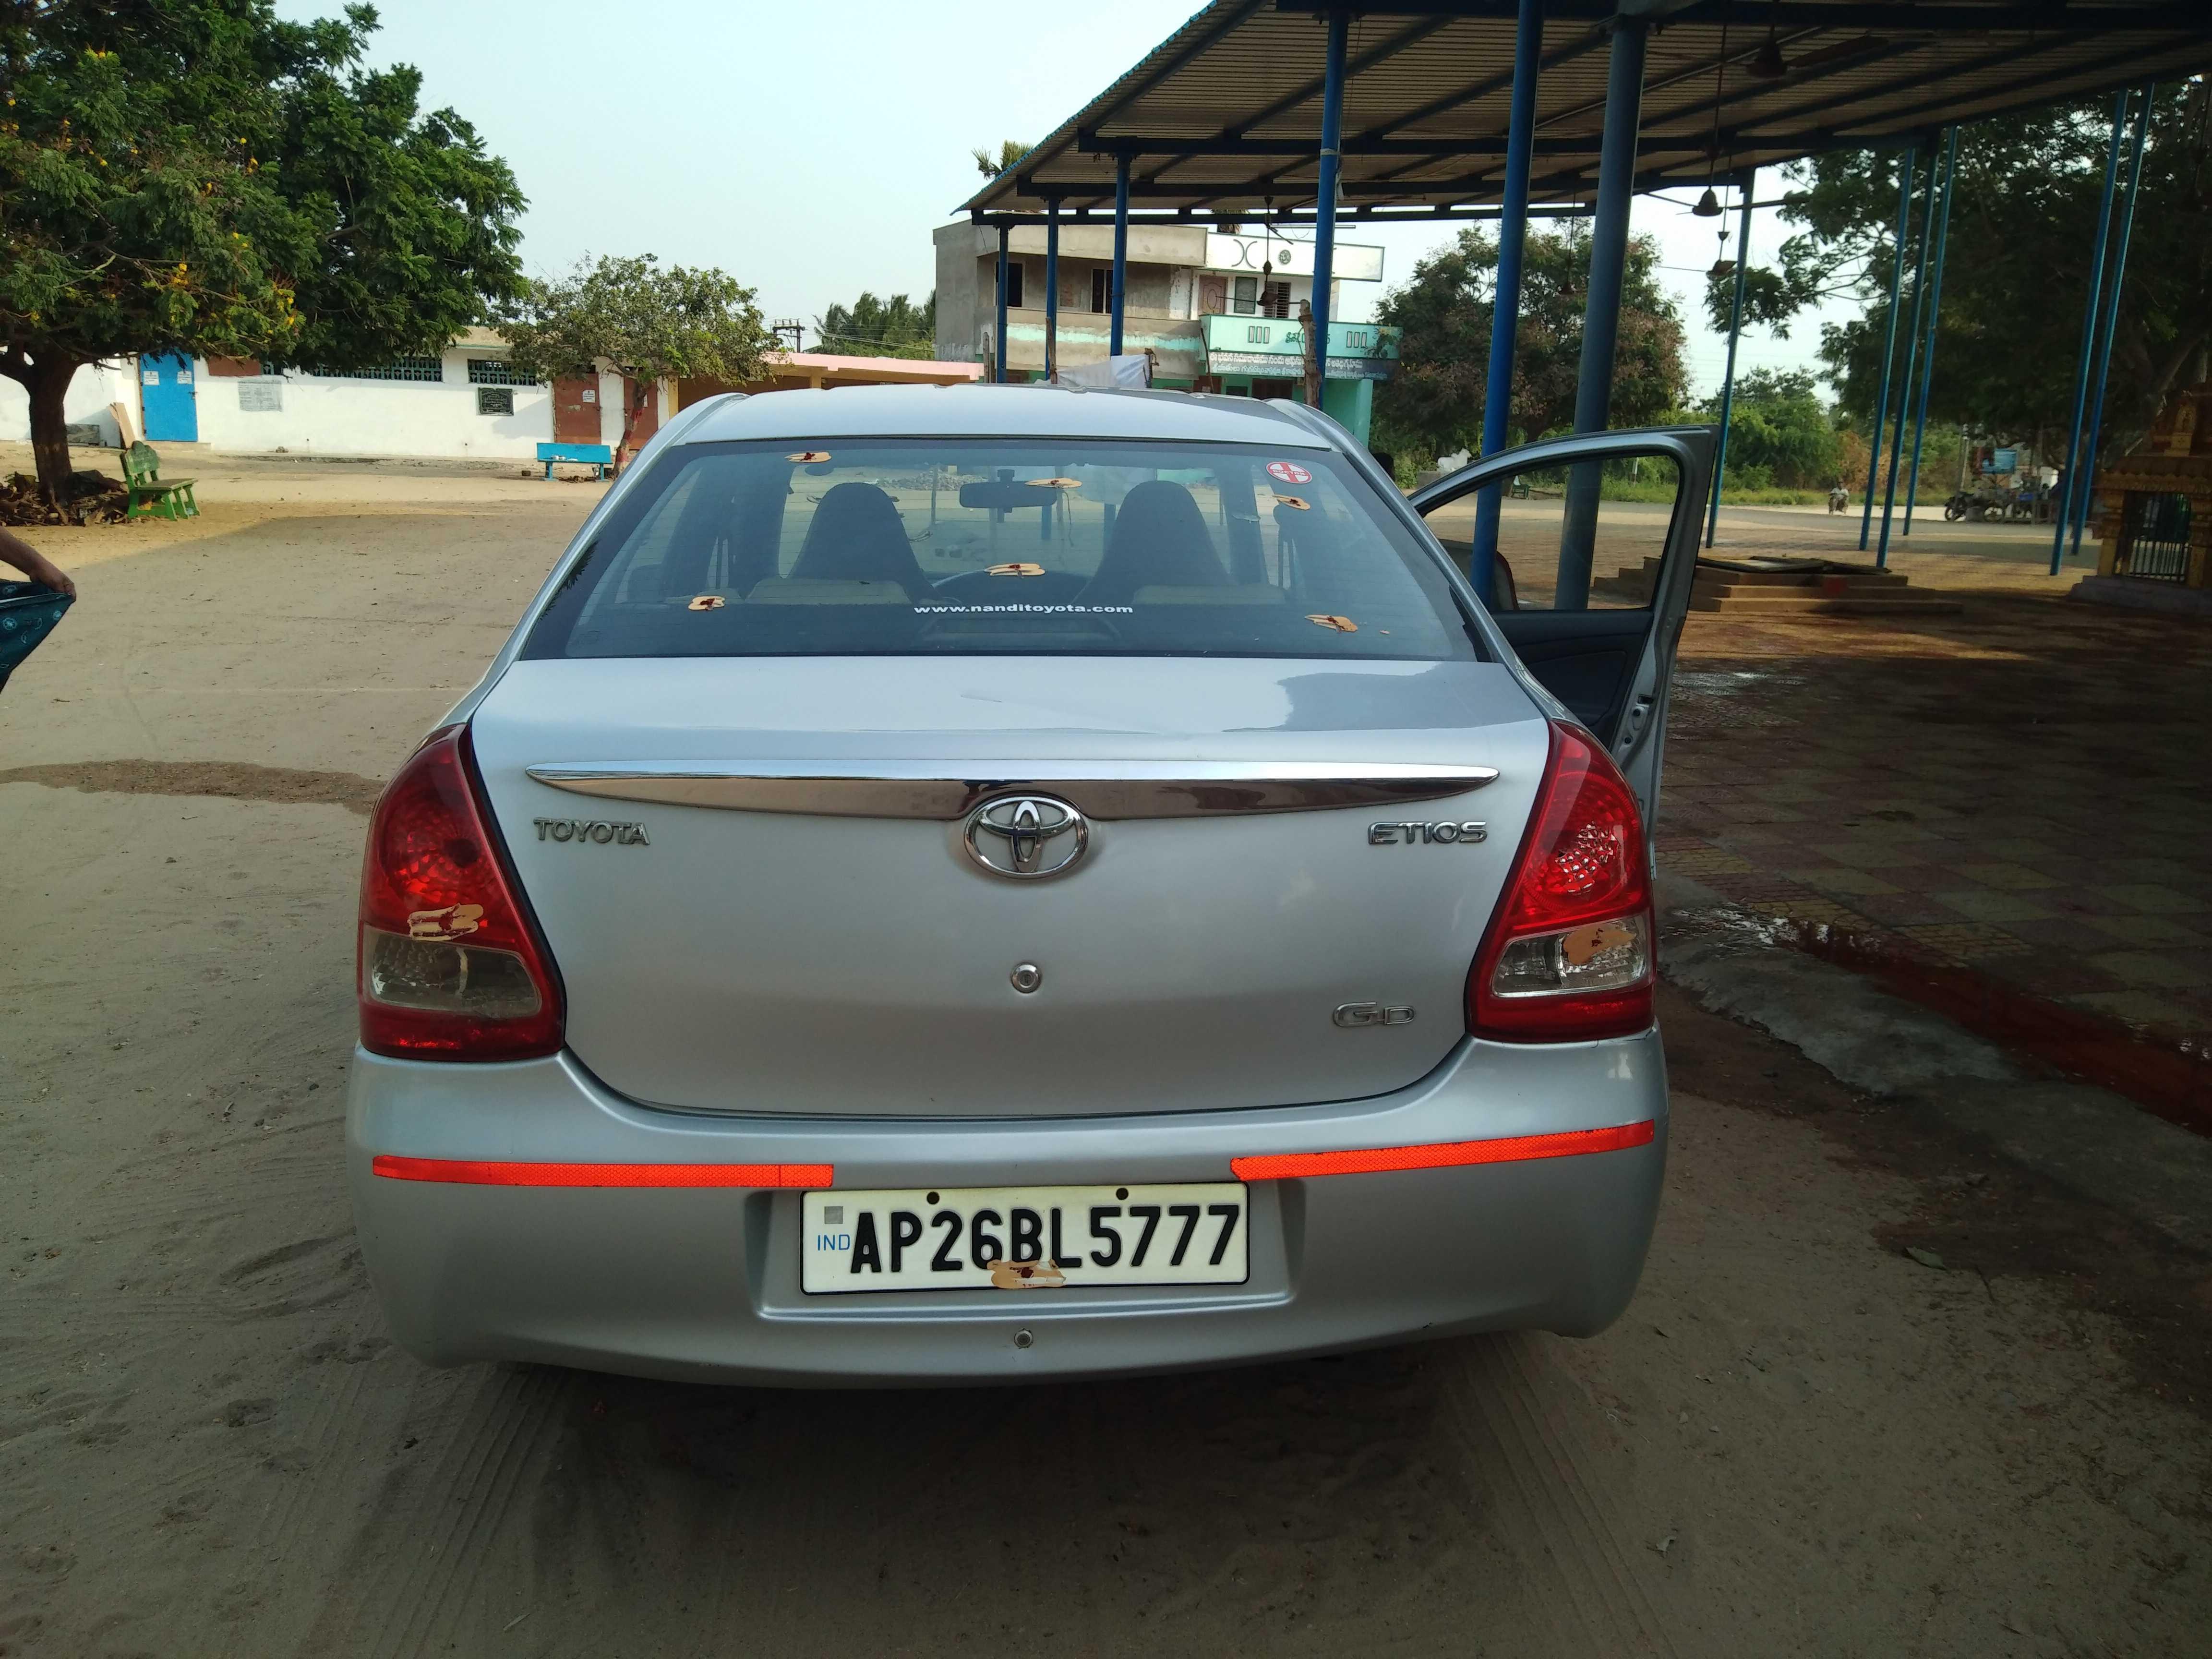 Sr car rental services in Nellore Bazar, Nellore-524002